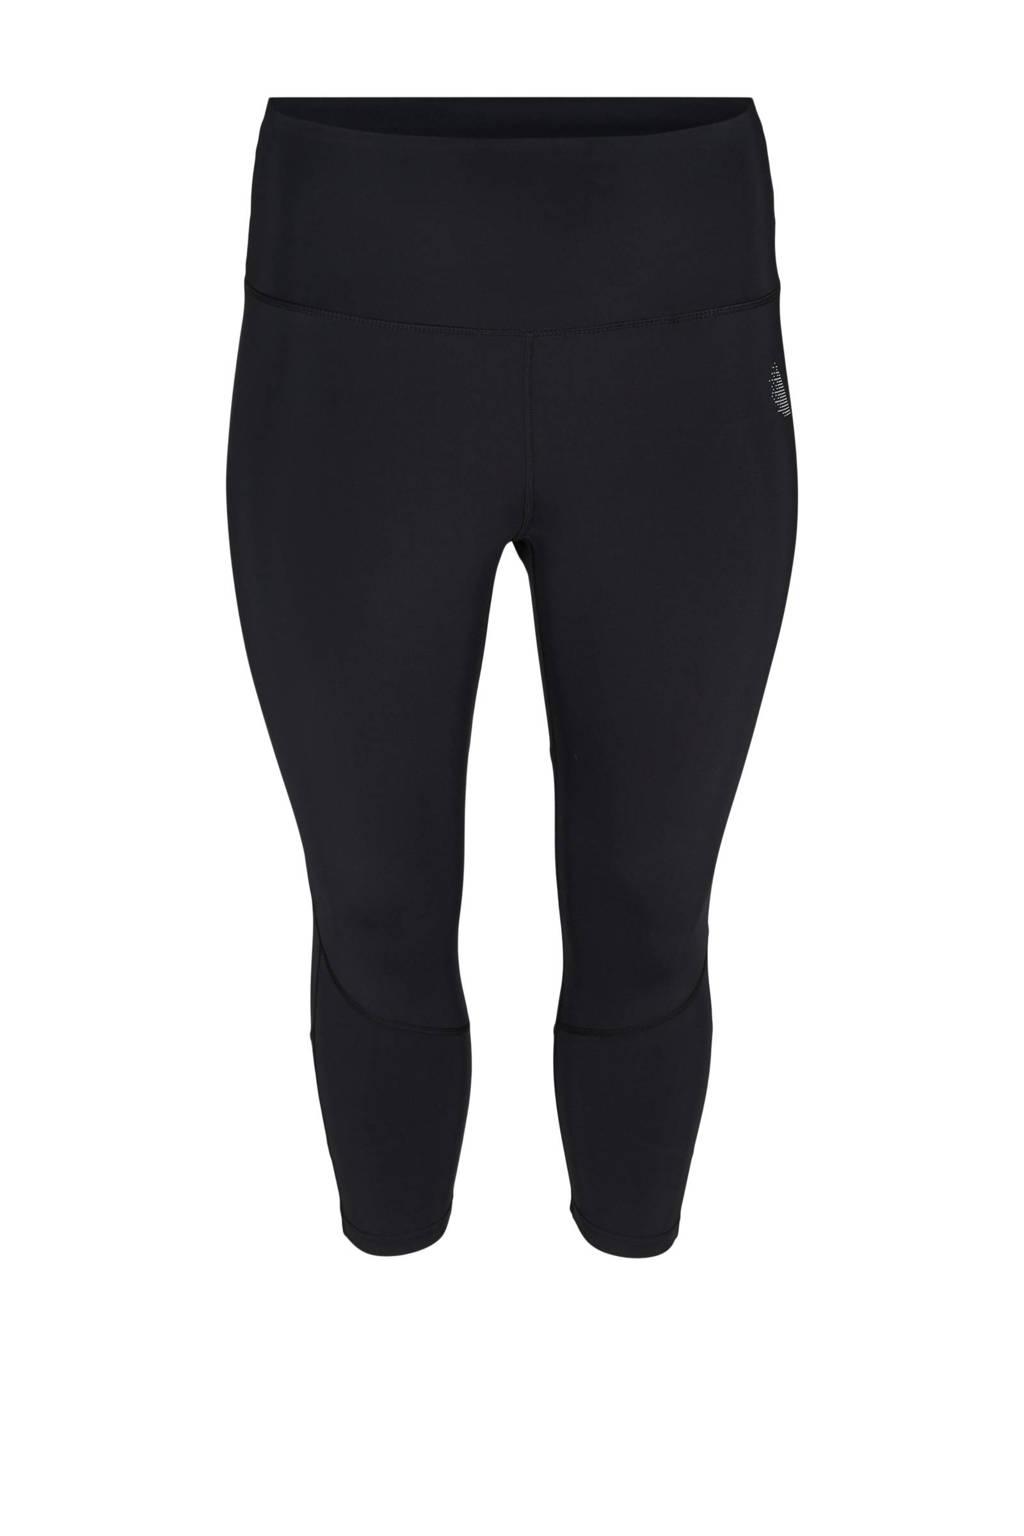 ACTIVE By Zizzi Plus Size sportcapri zwart, Zwart